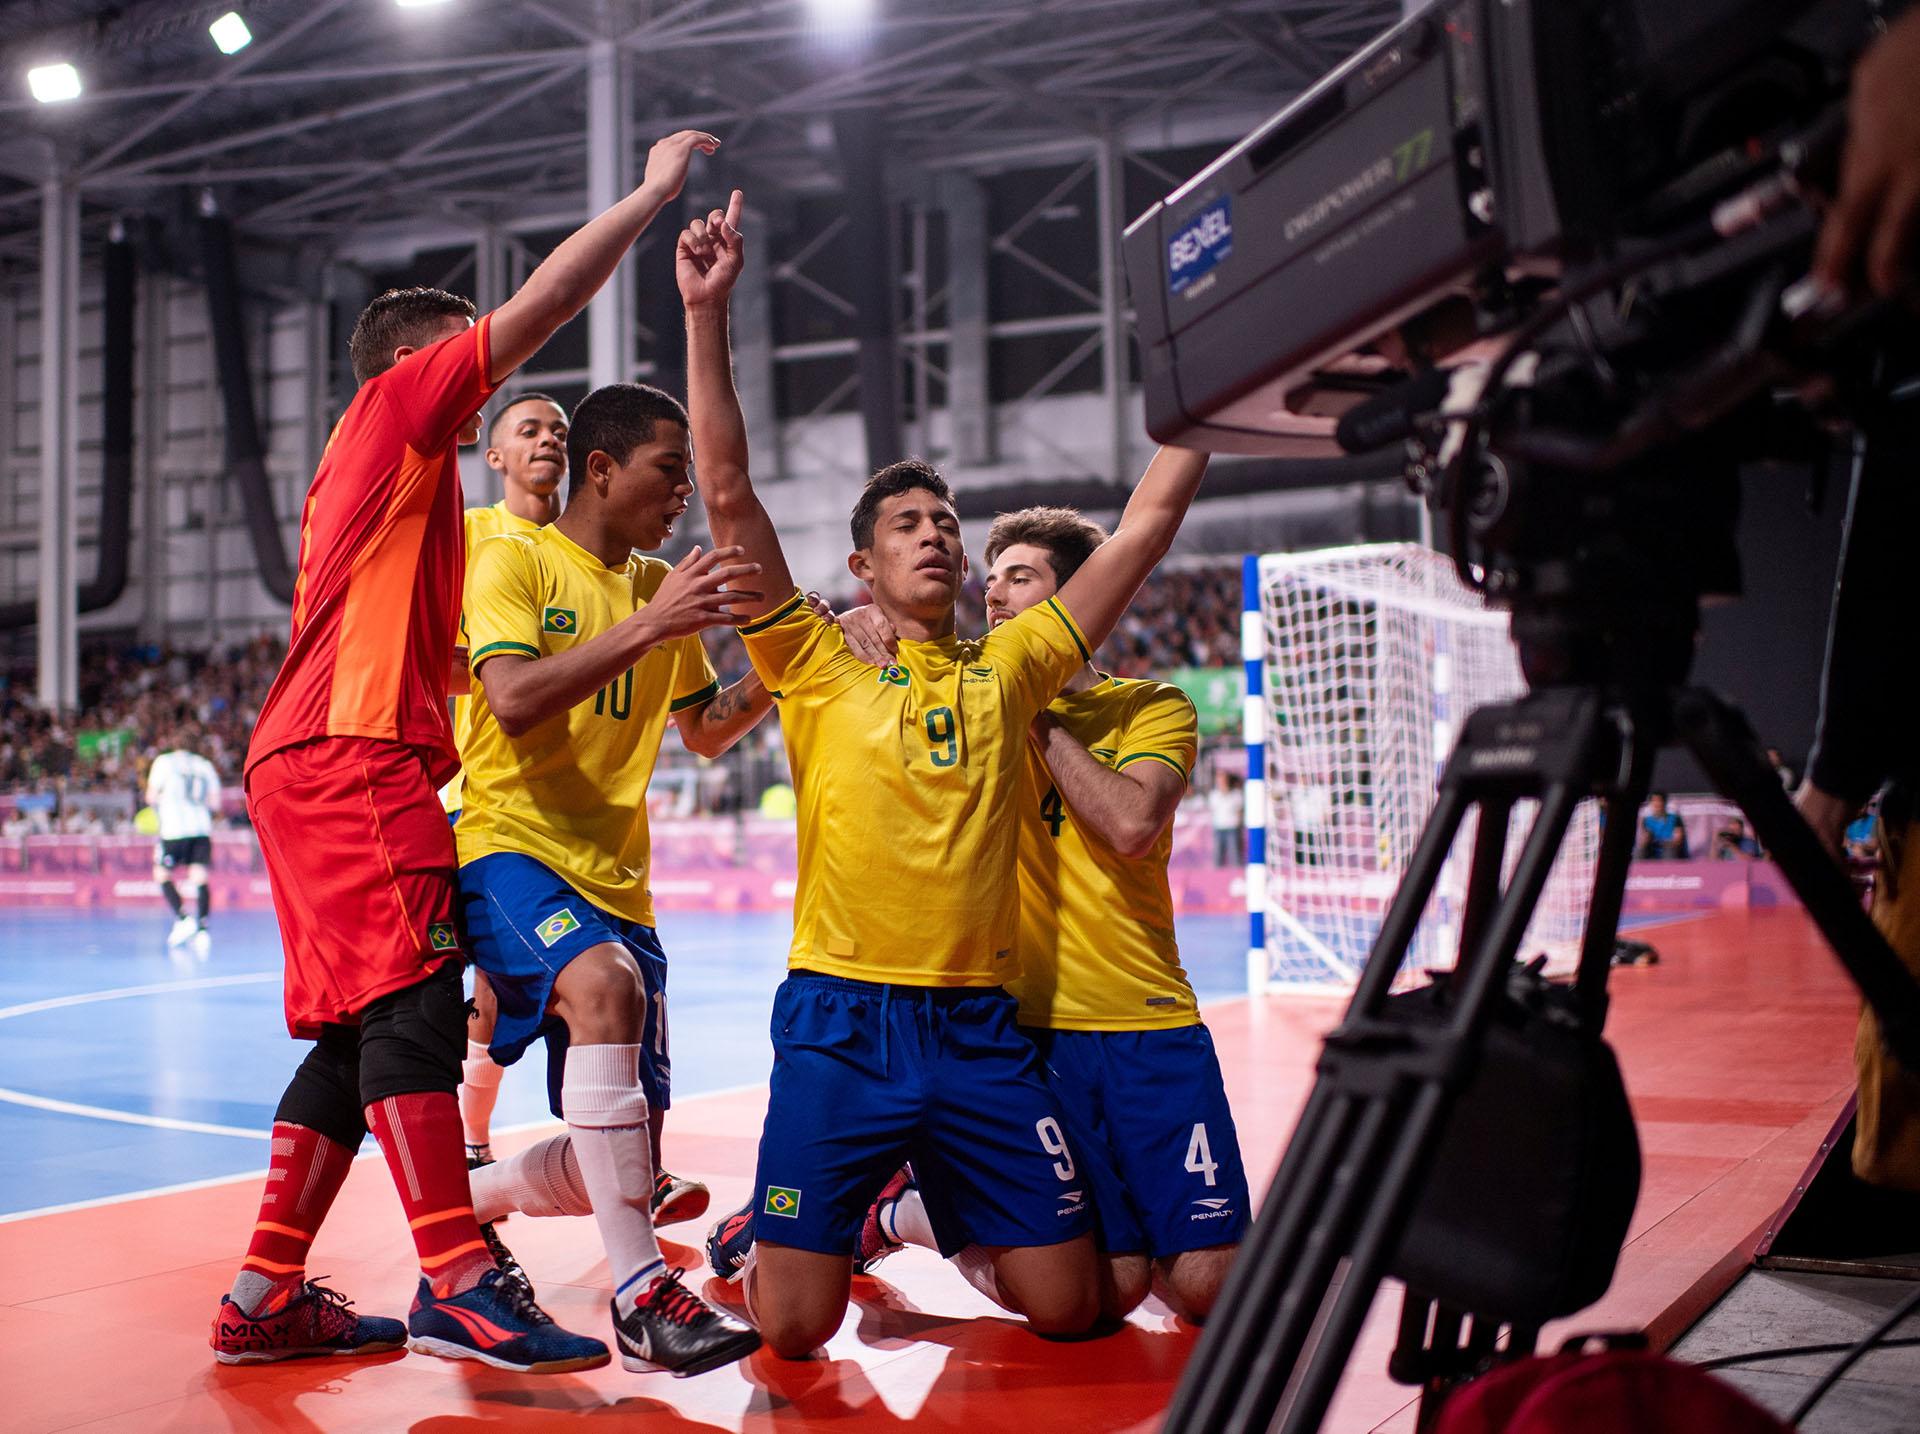 Guilherme Henrique Borges Sanches, de Brasil, celebra con sus compañeros tras convertir un gol ante la Argentina en la final de la disciplina Futsalde los Juegos Olímpicos de la Juventud 2018 celebrados en Buenos Aires (REUTERS)